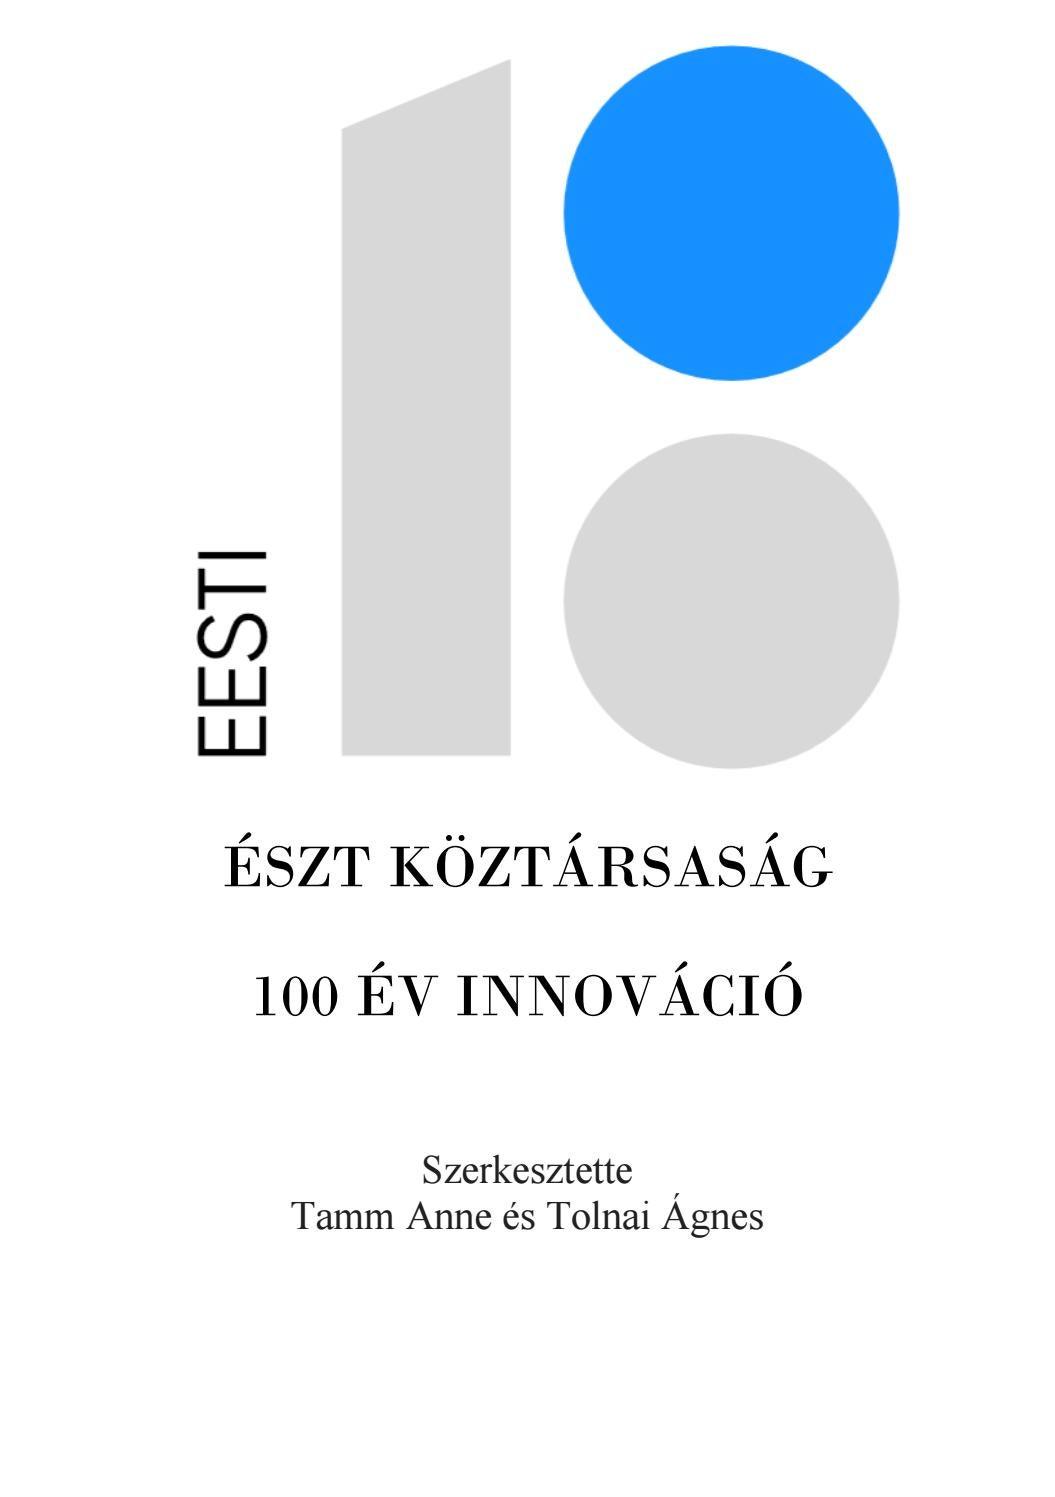 Füzi - Török: Bevezetés az epikai szövegek és a narratív film elemzésébe